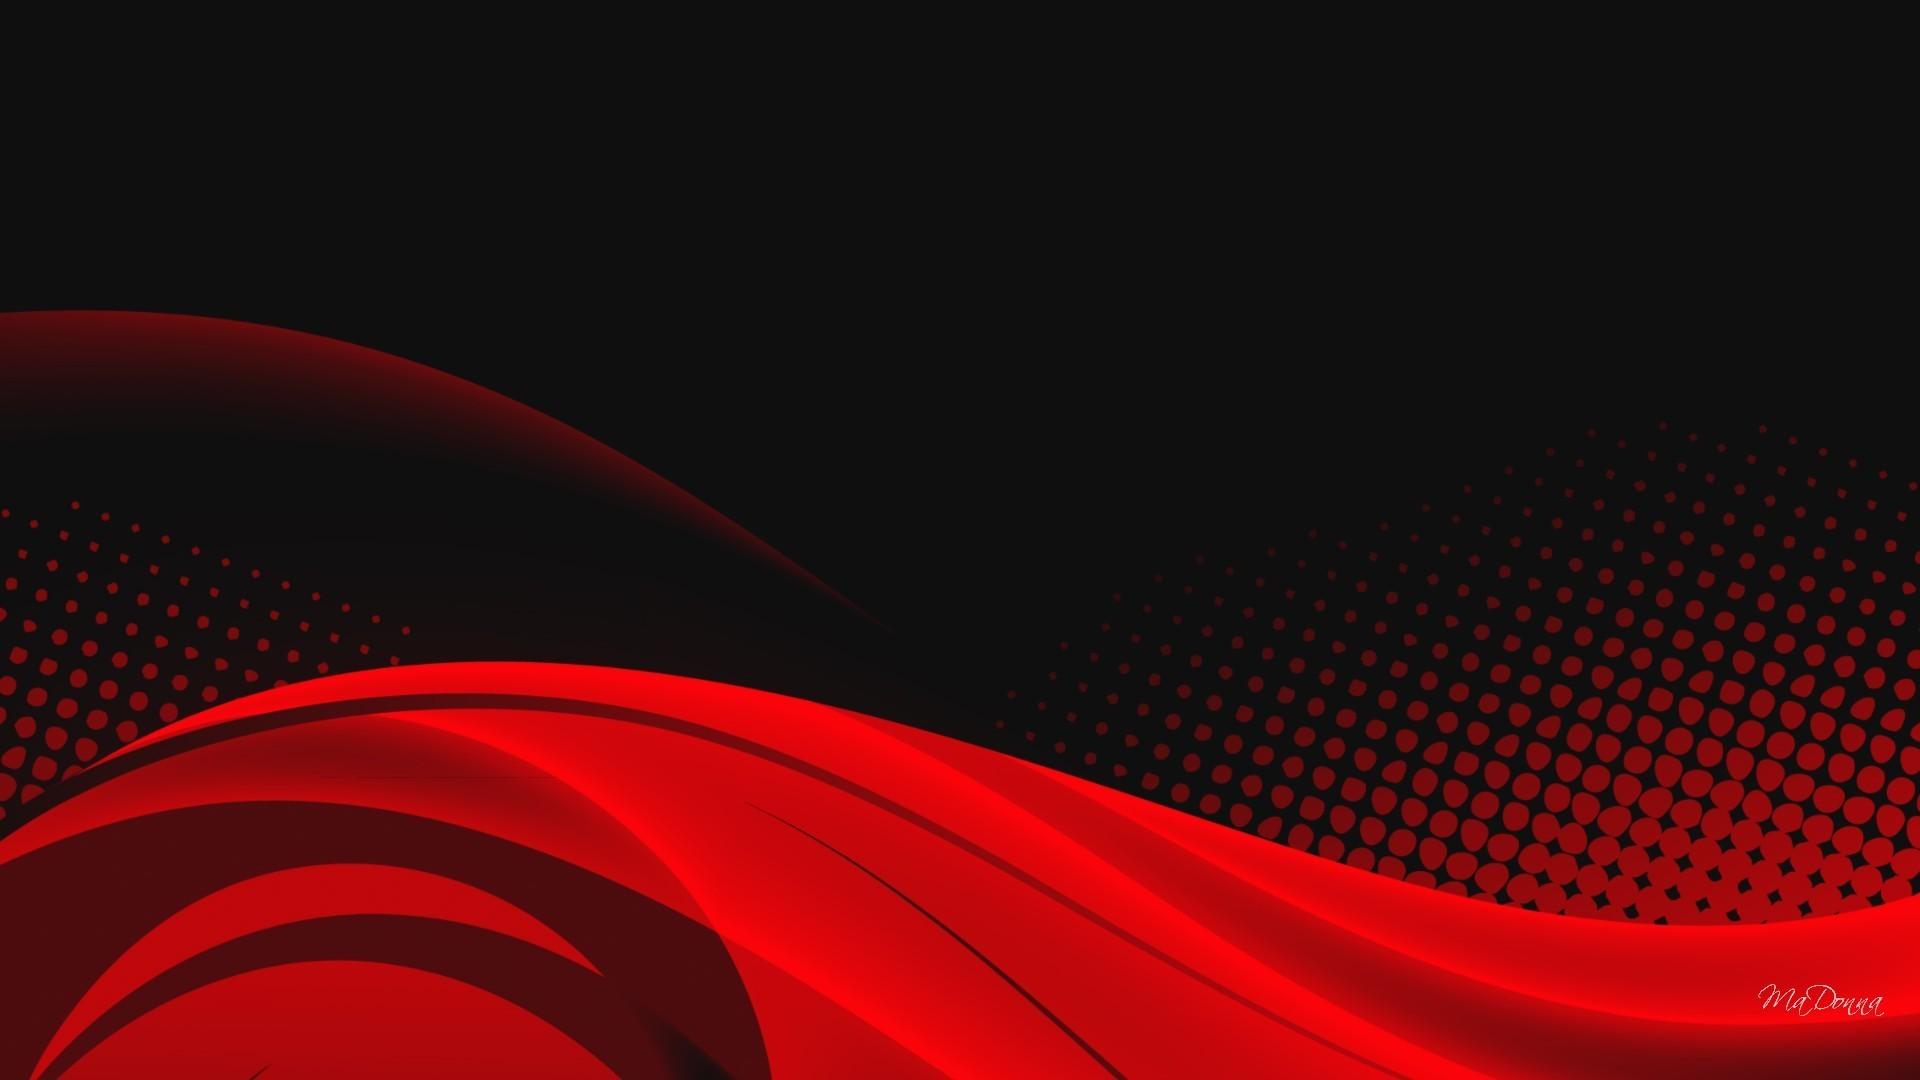 графика абстракция линии красные  № 3664242 загрузить